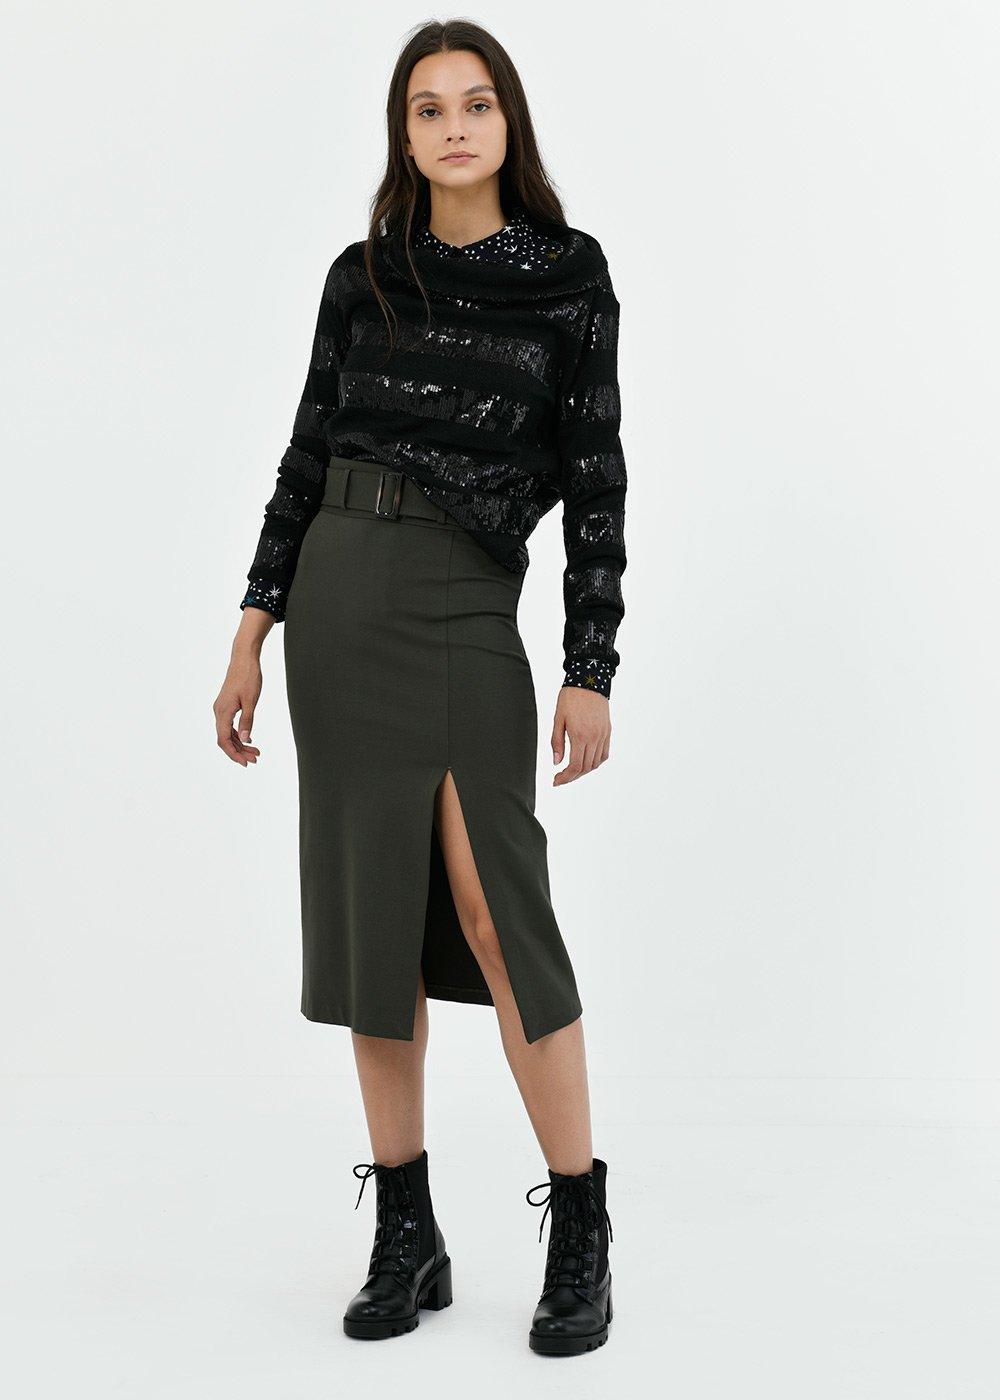 Gaya pencil skirt with waist belt - Green - Woman